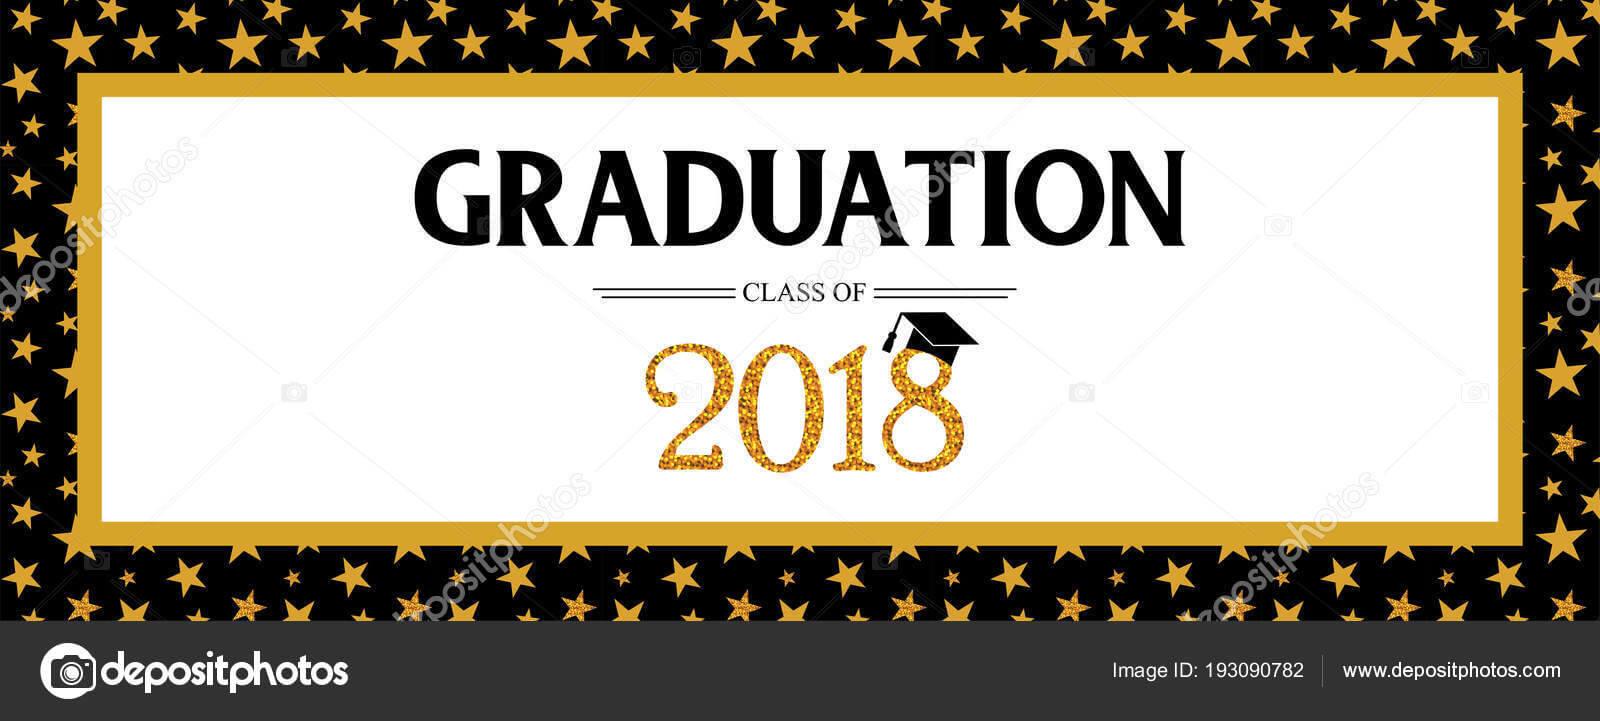 Graduation Banner Template | Graduation Class Of 2018 In Graduation Banner Template